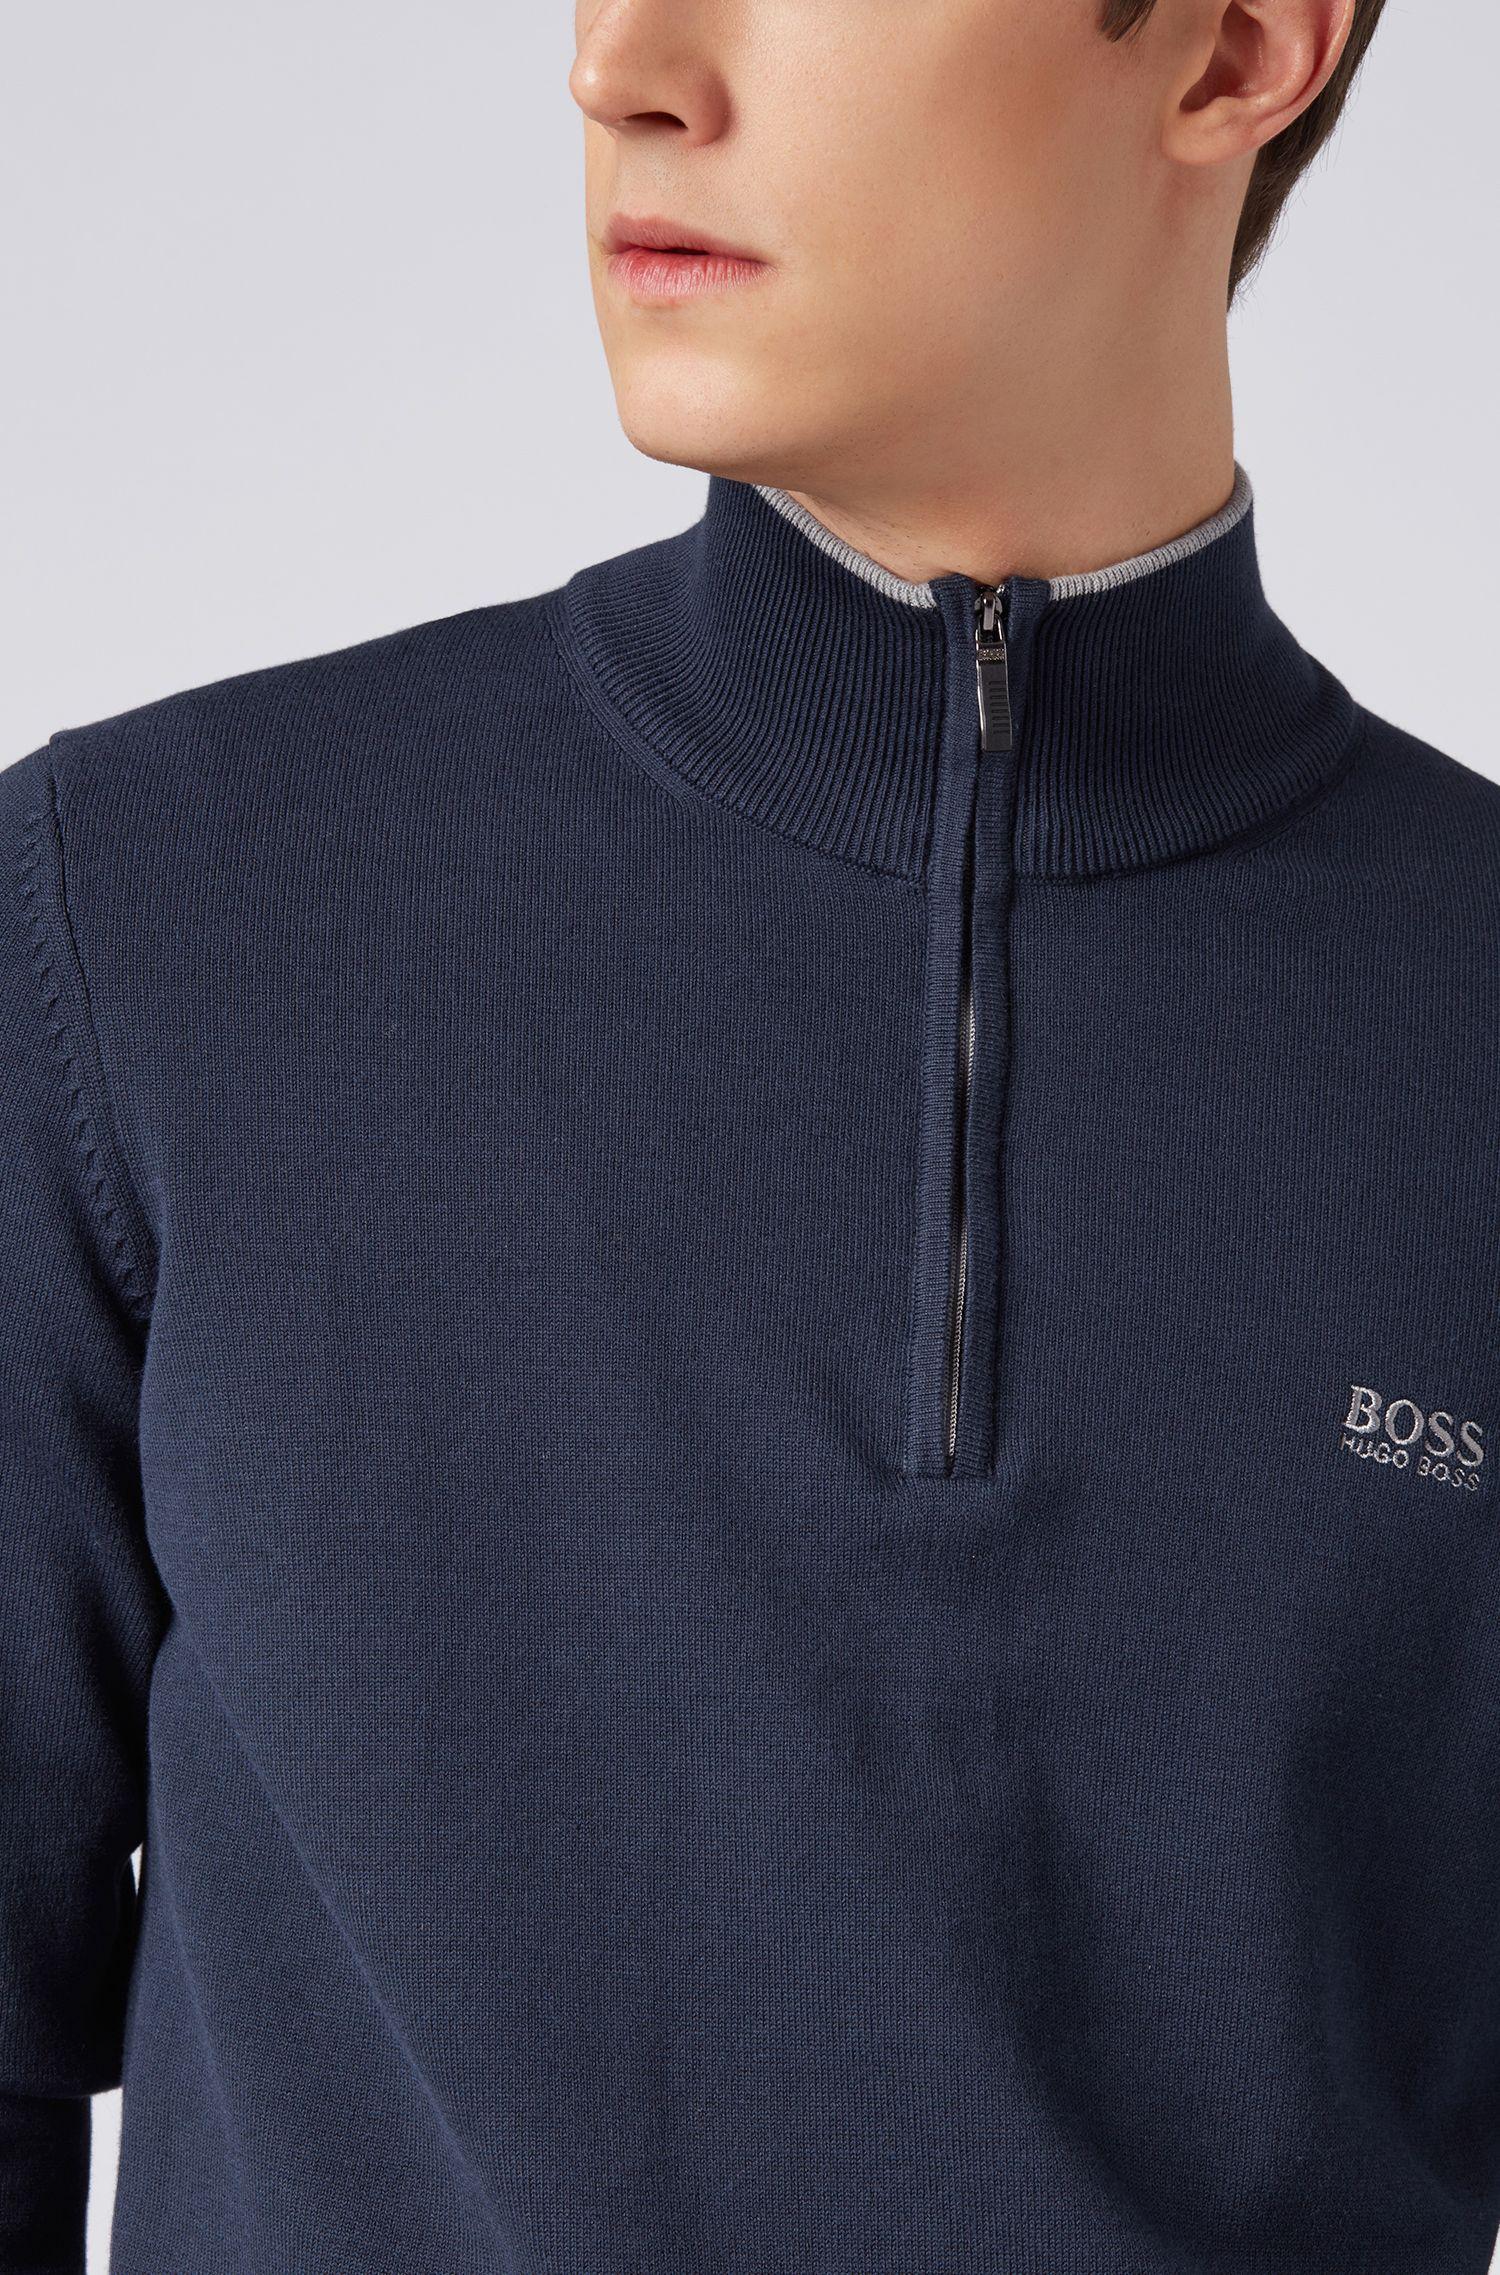 Pull à col zippé en coton mélangé aux bordures contrastantes , Bleu foncé